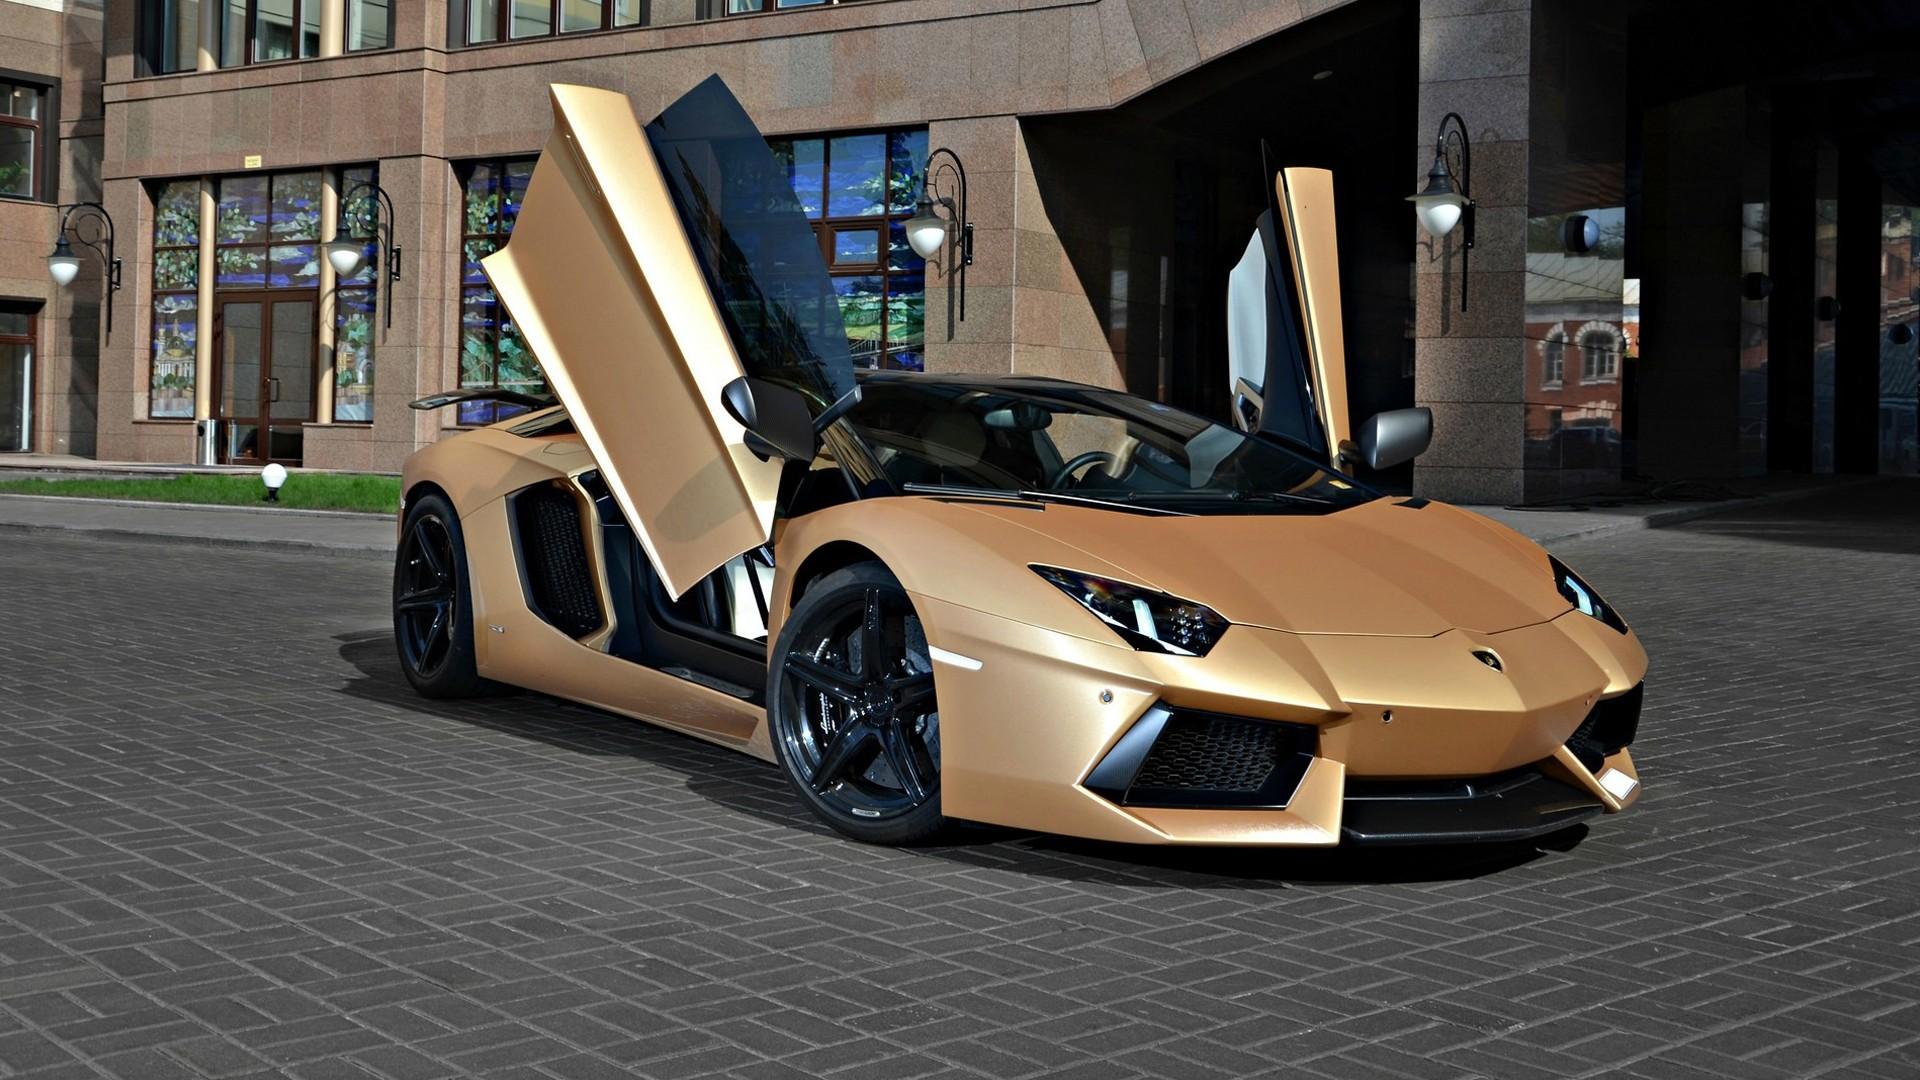 Gold Lamborghini Wallpaper theme